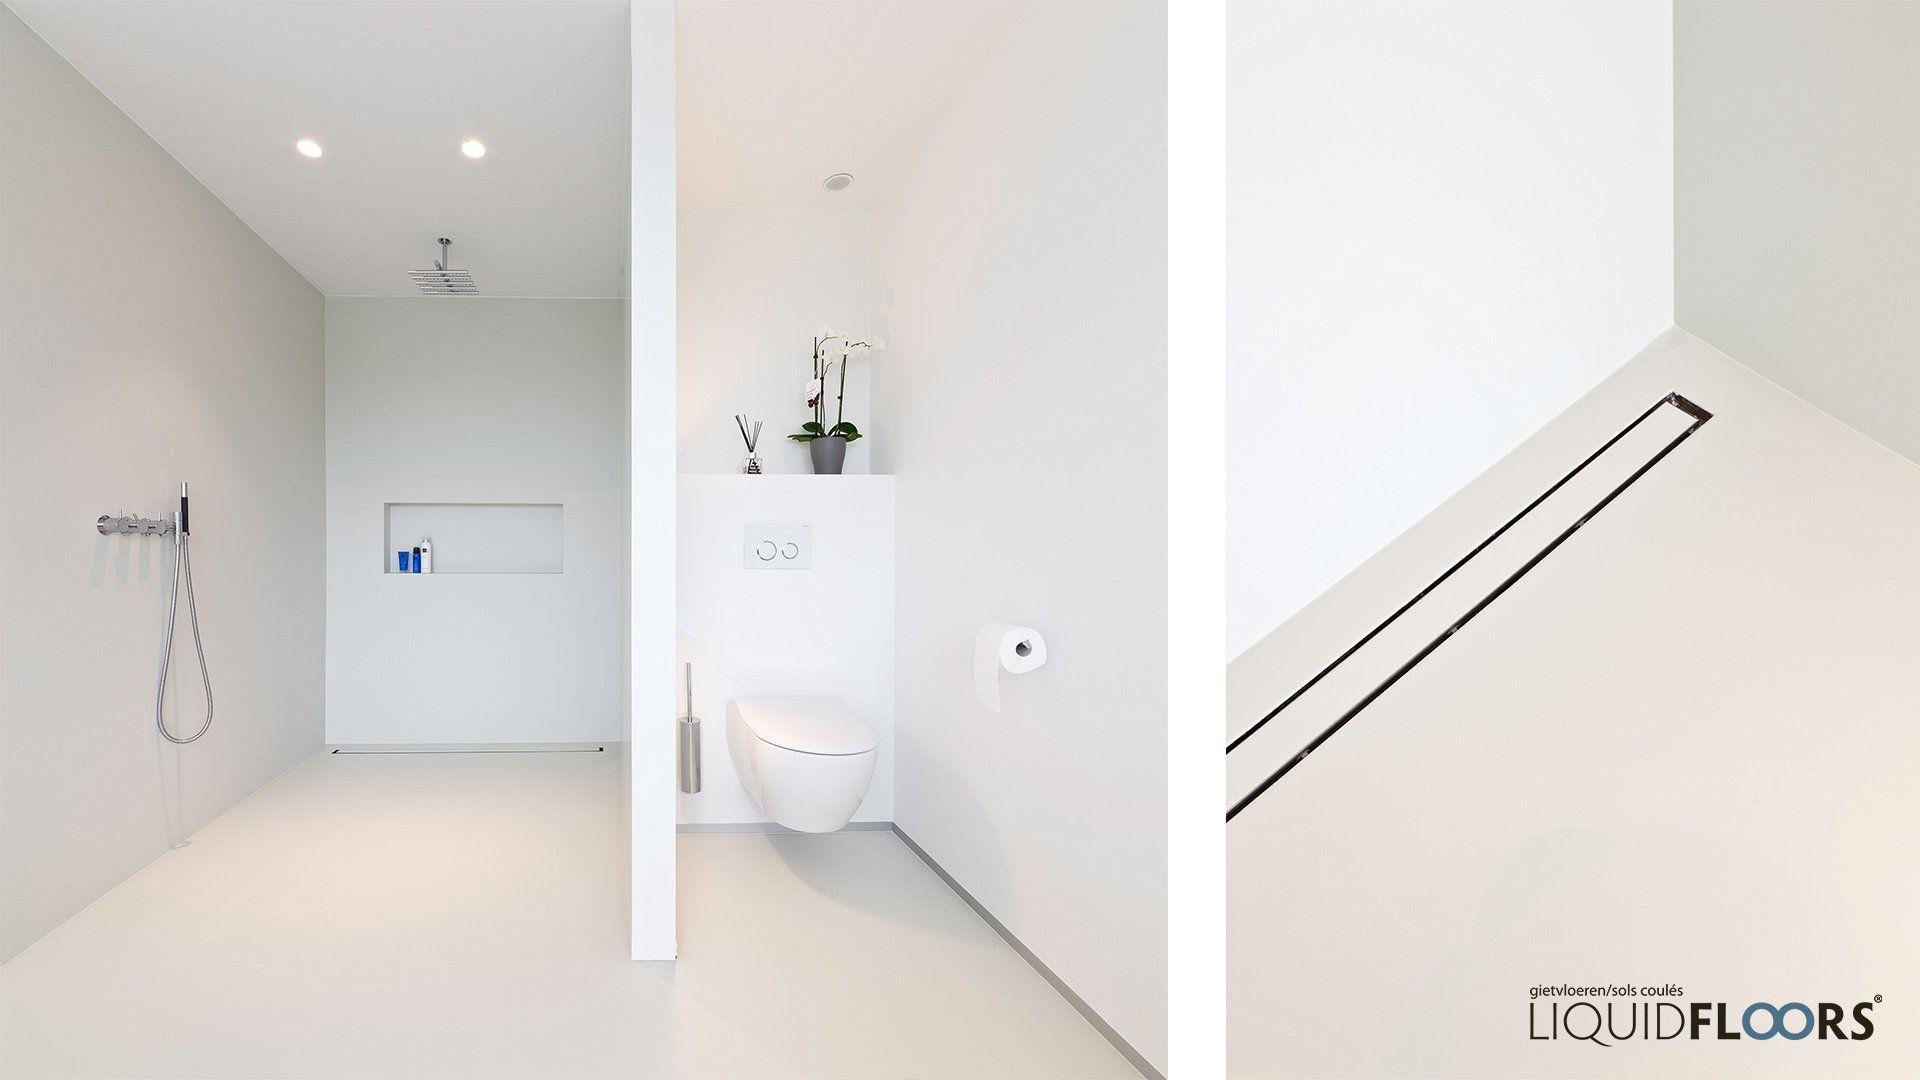 Inloopdouche badkamer liquidfloors gietvloeren dream home